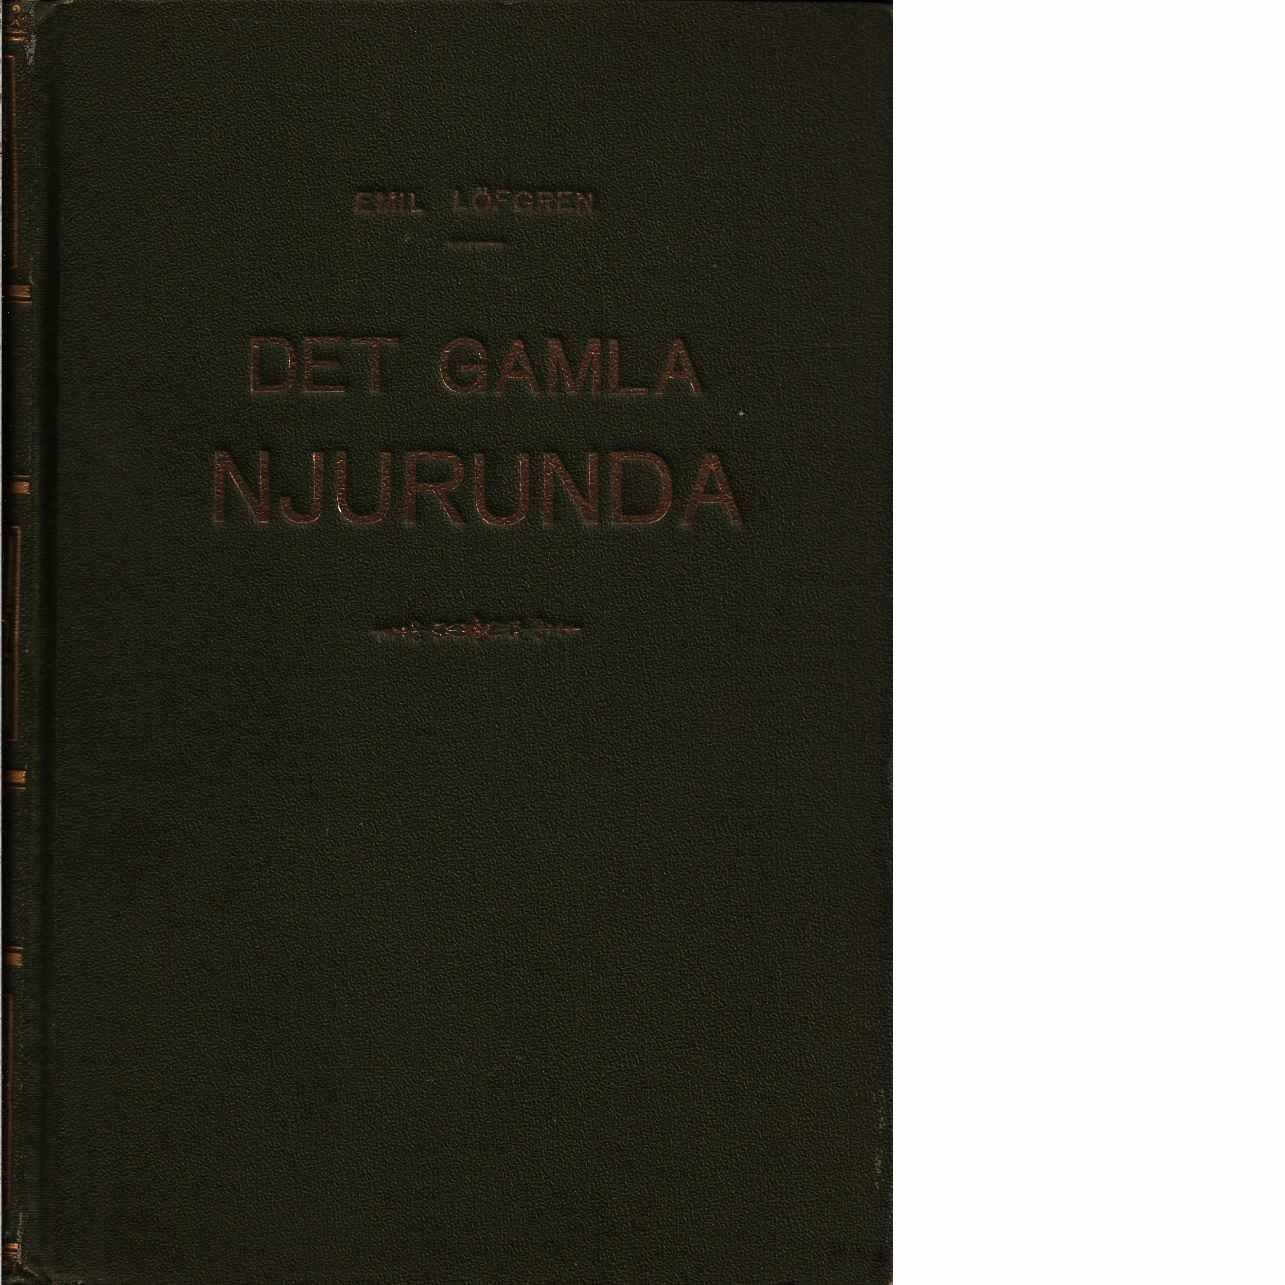 Det gamla Njurunda : studier i hembygdskunskap för hemmet och skolan - Löfgren, Emil